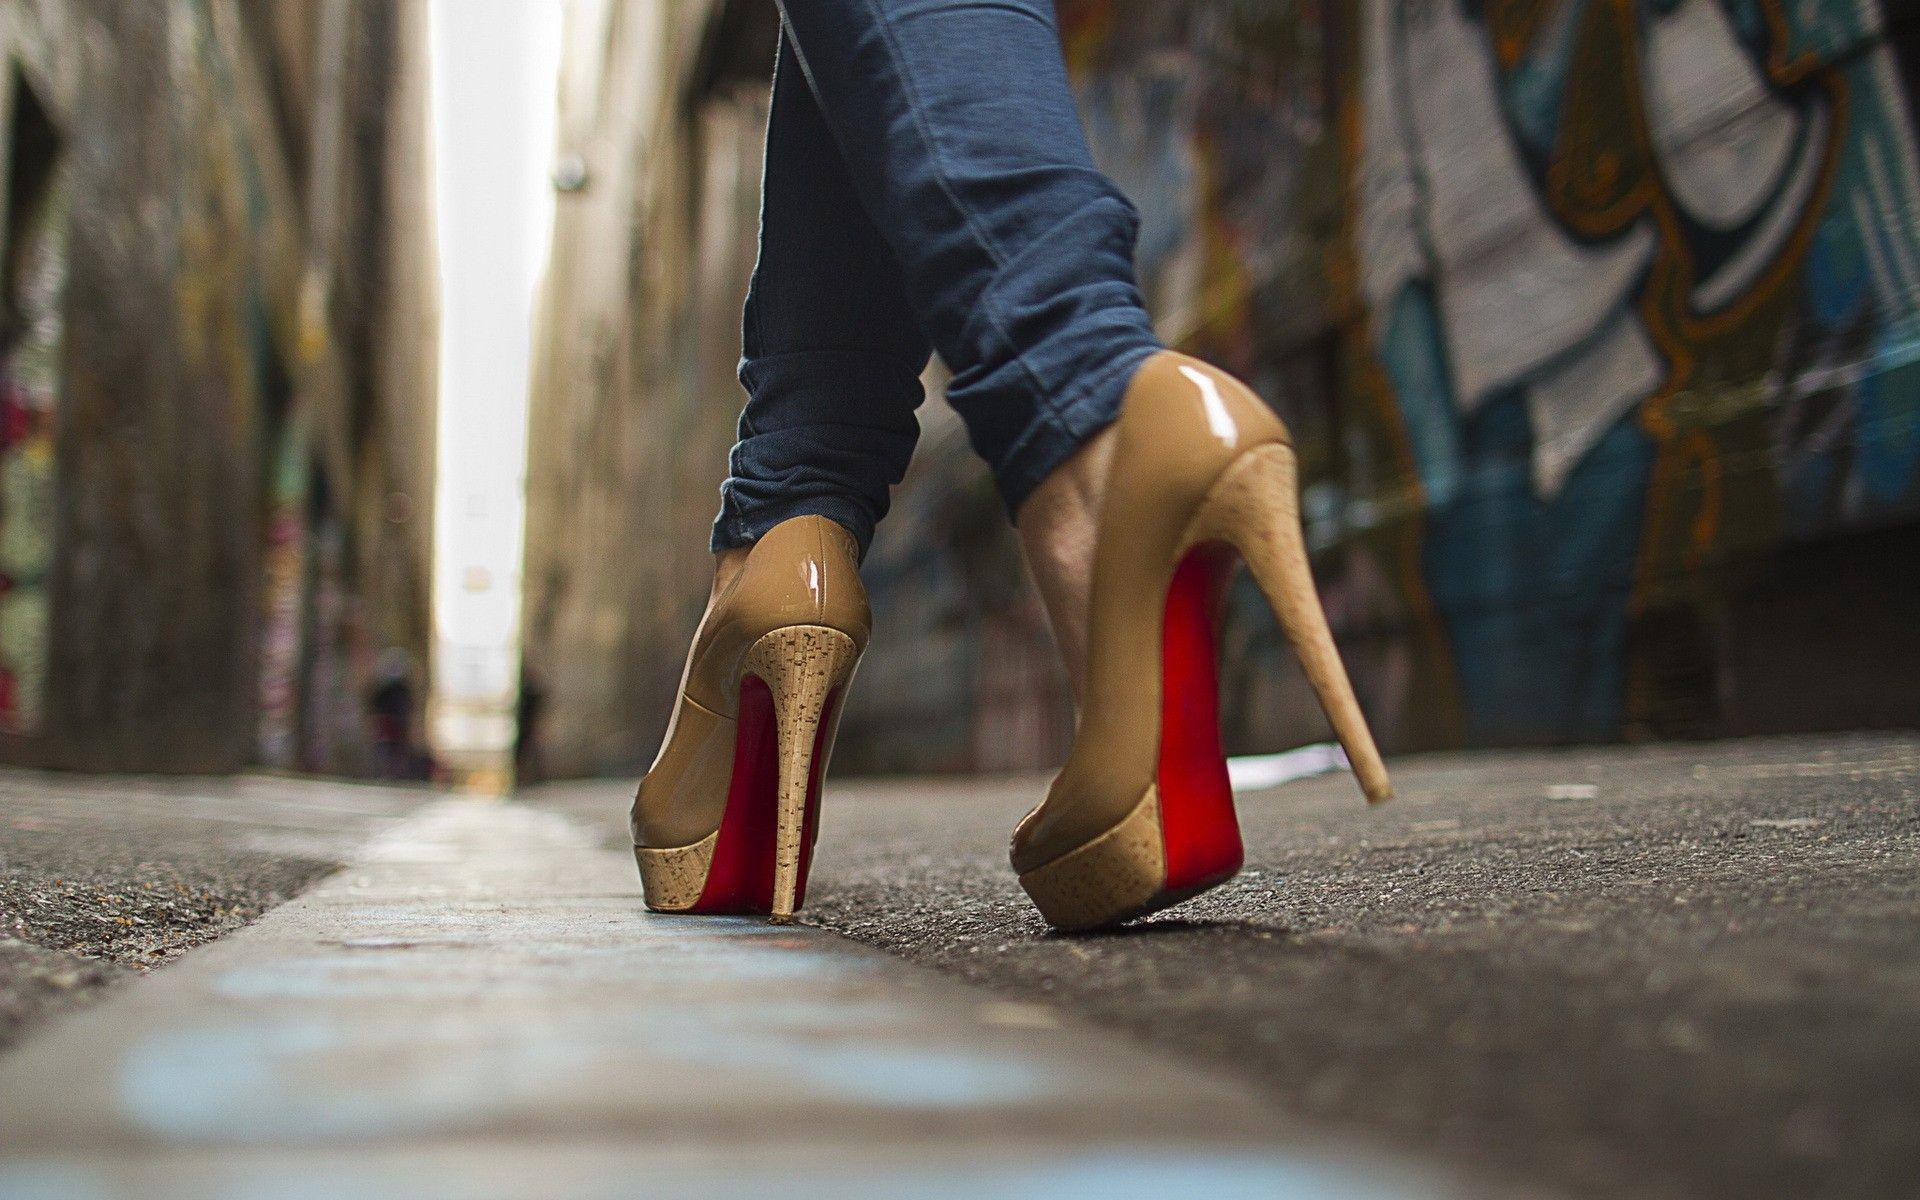 High Heels 4k